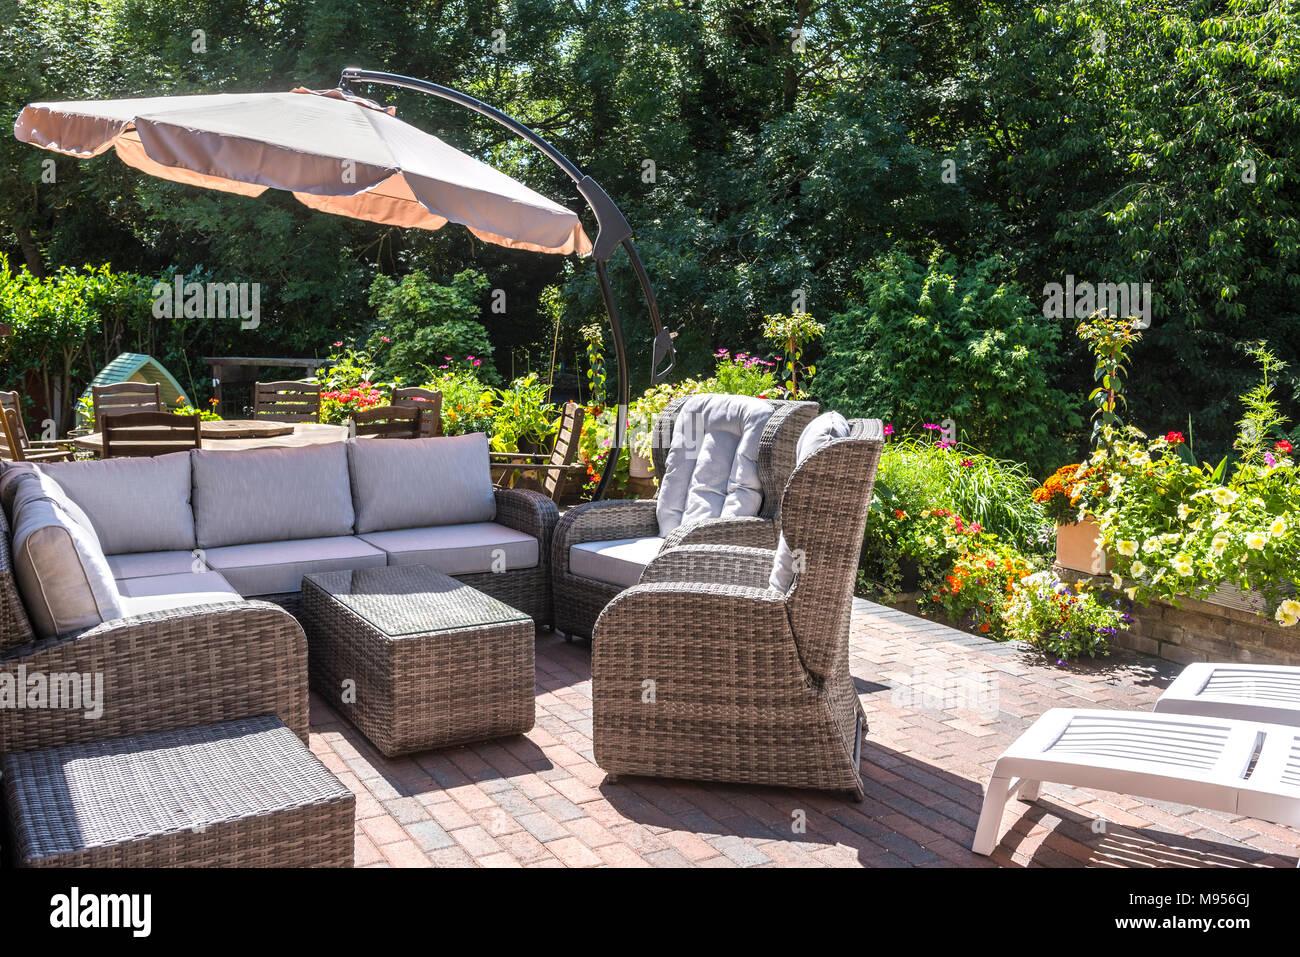 Rattan moderni mobili da giardino con tavolo da pranzo e for Mobili da giardino rattan economici